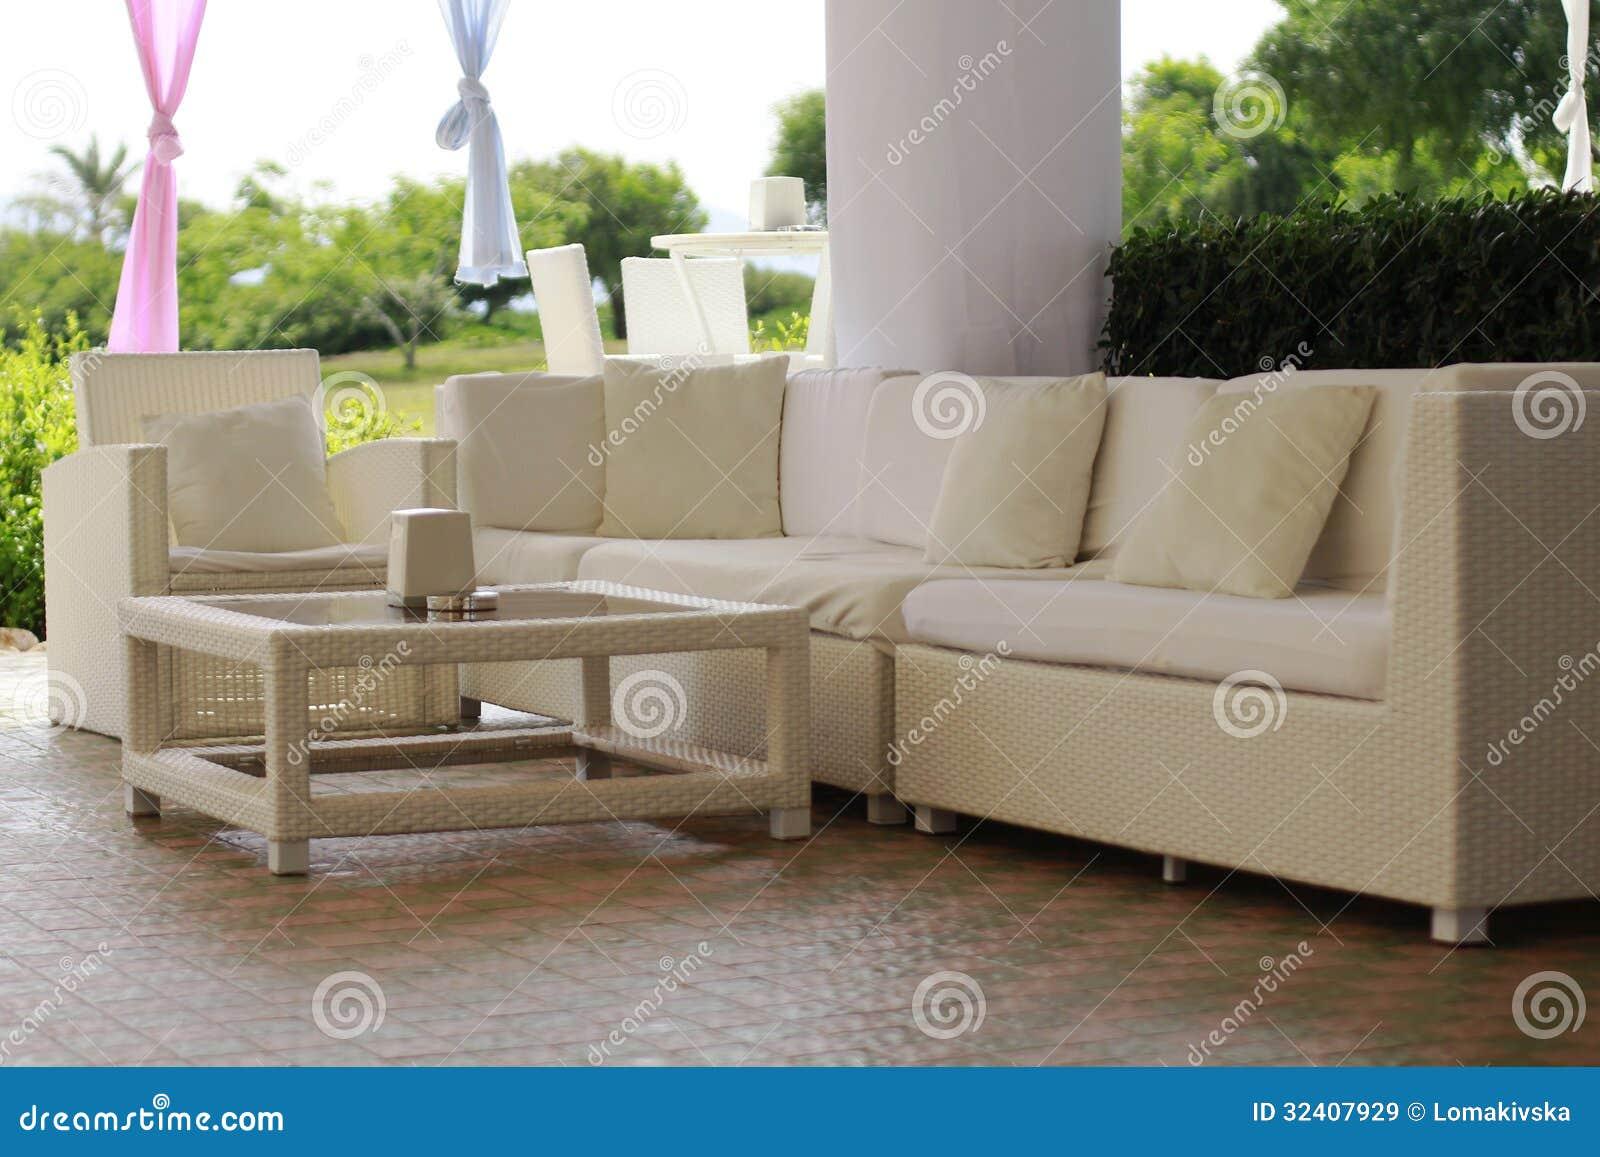 meubles en osier image stock image du tage victorian 32407929. Black Bedroom Furniture Sets. Home Design Ideas